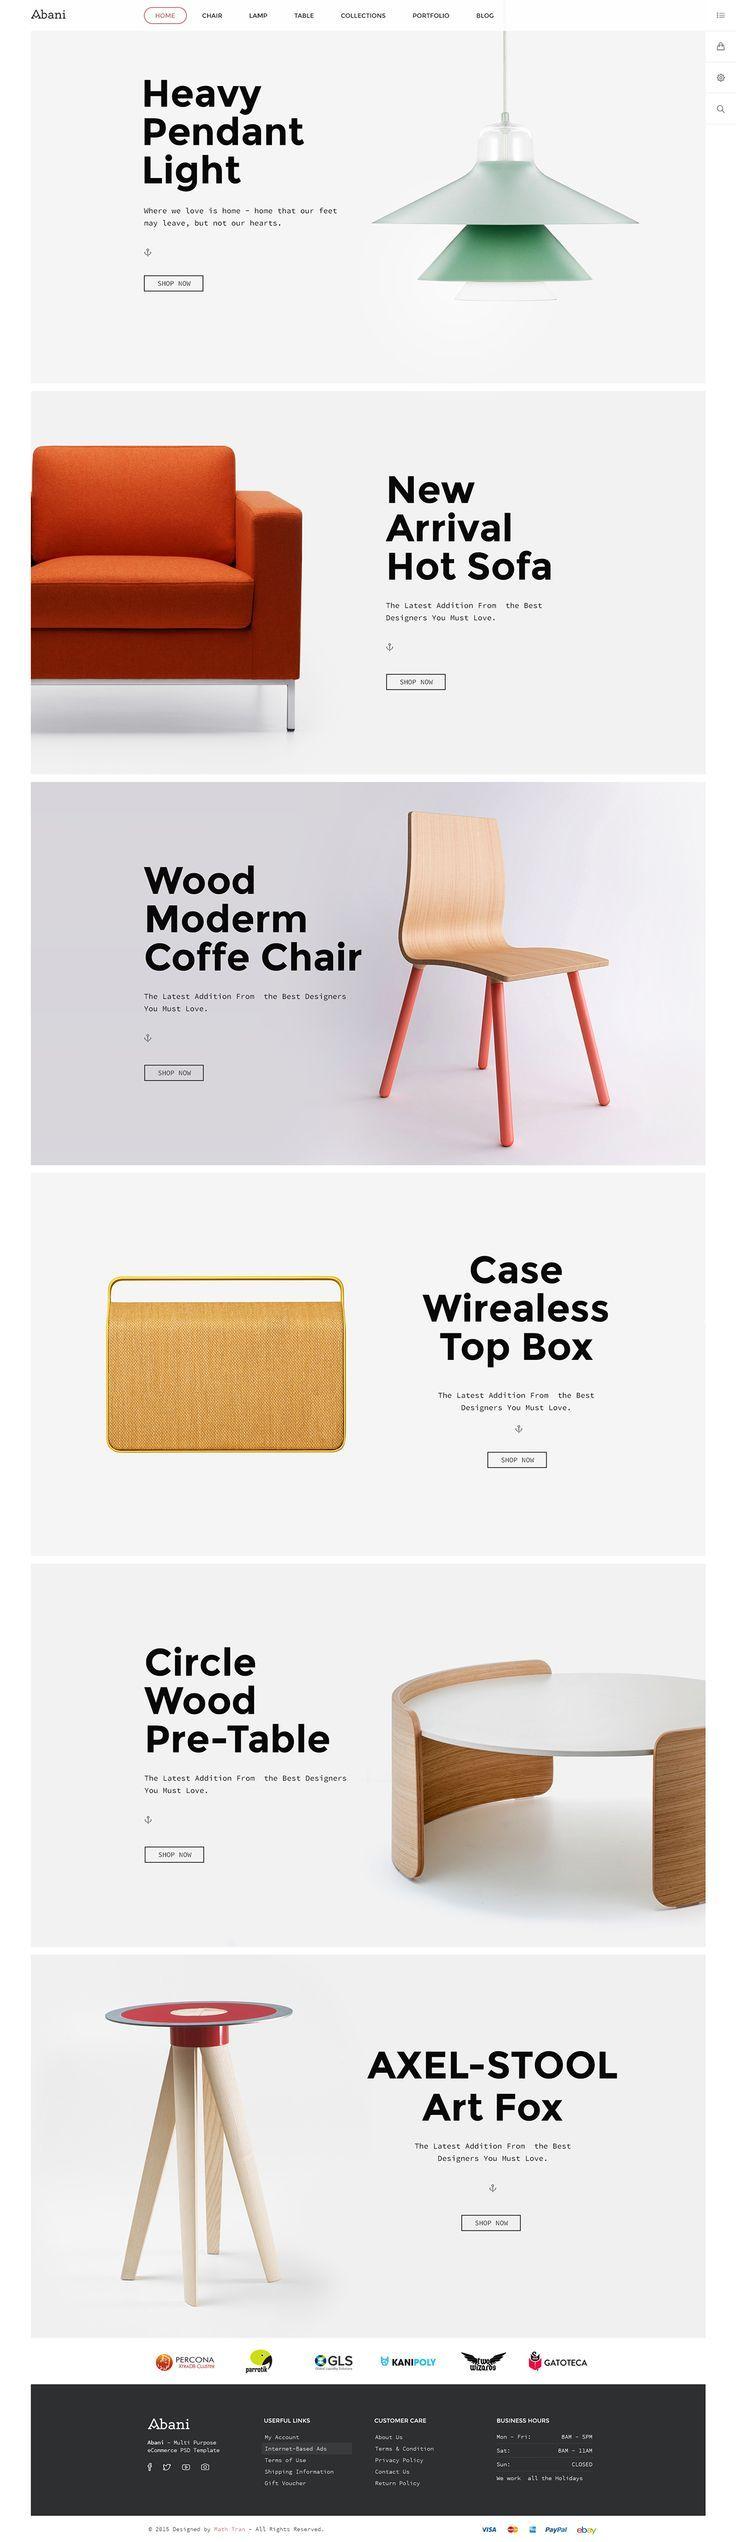 Abani. Honesty works in design. (More design inspiration at www.aldenchong.com)